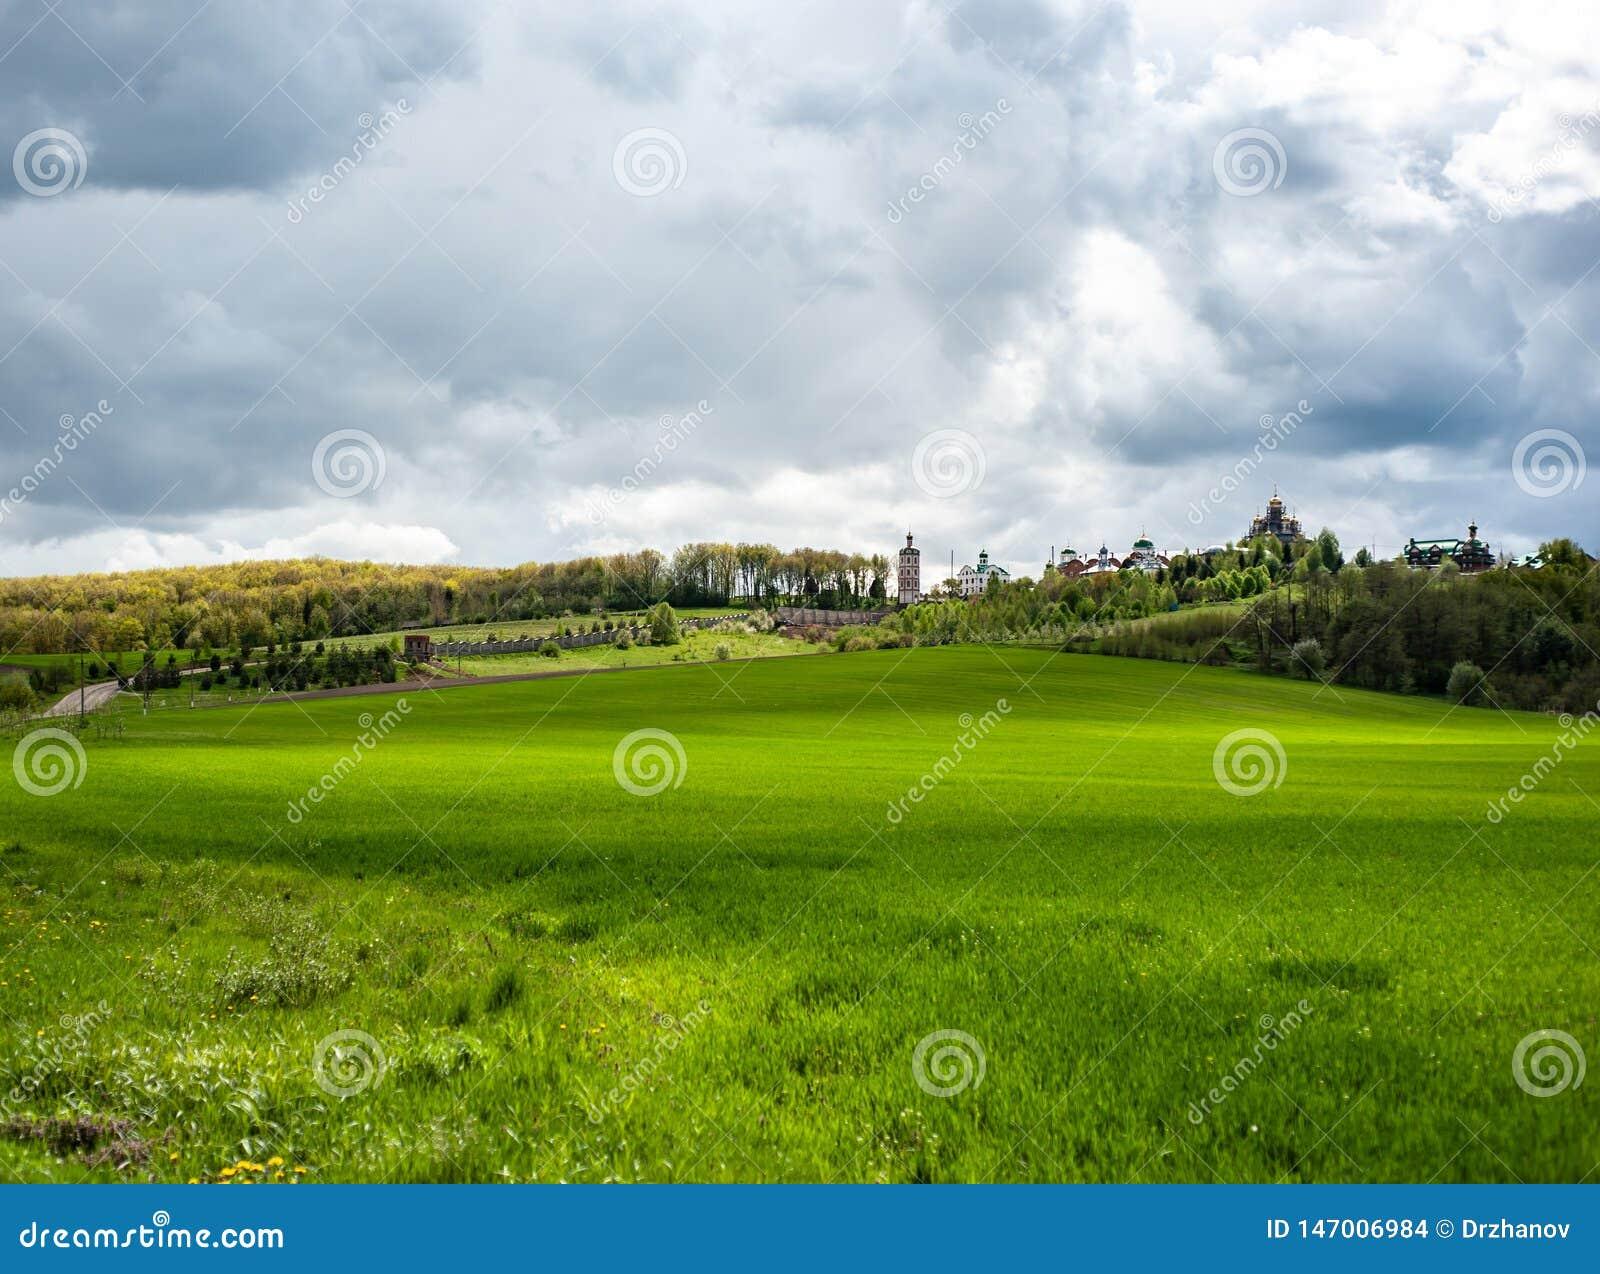 Paisaje llamativo con la hierba verde de la primavera, las colinas y los árboles, cielo nublado